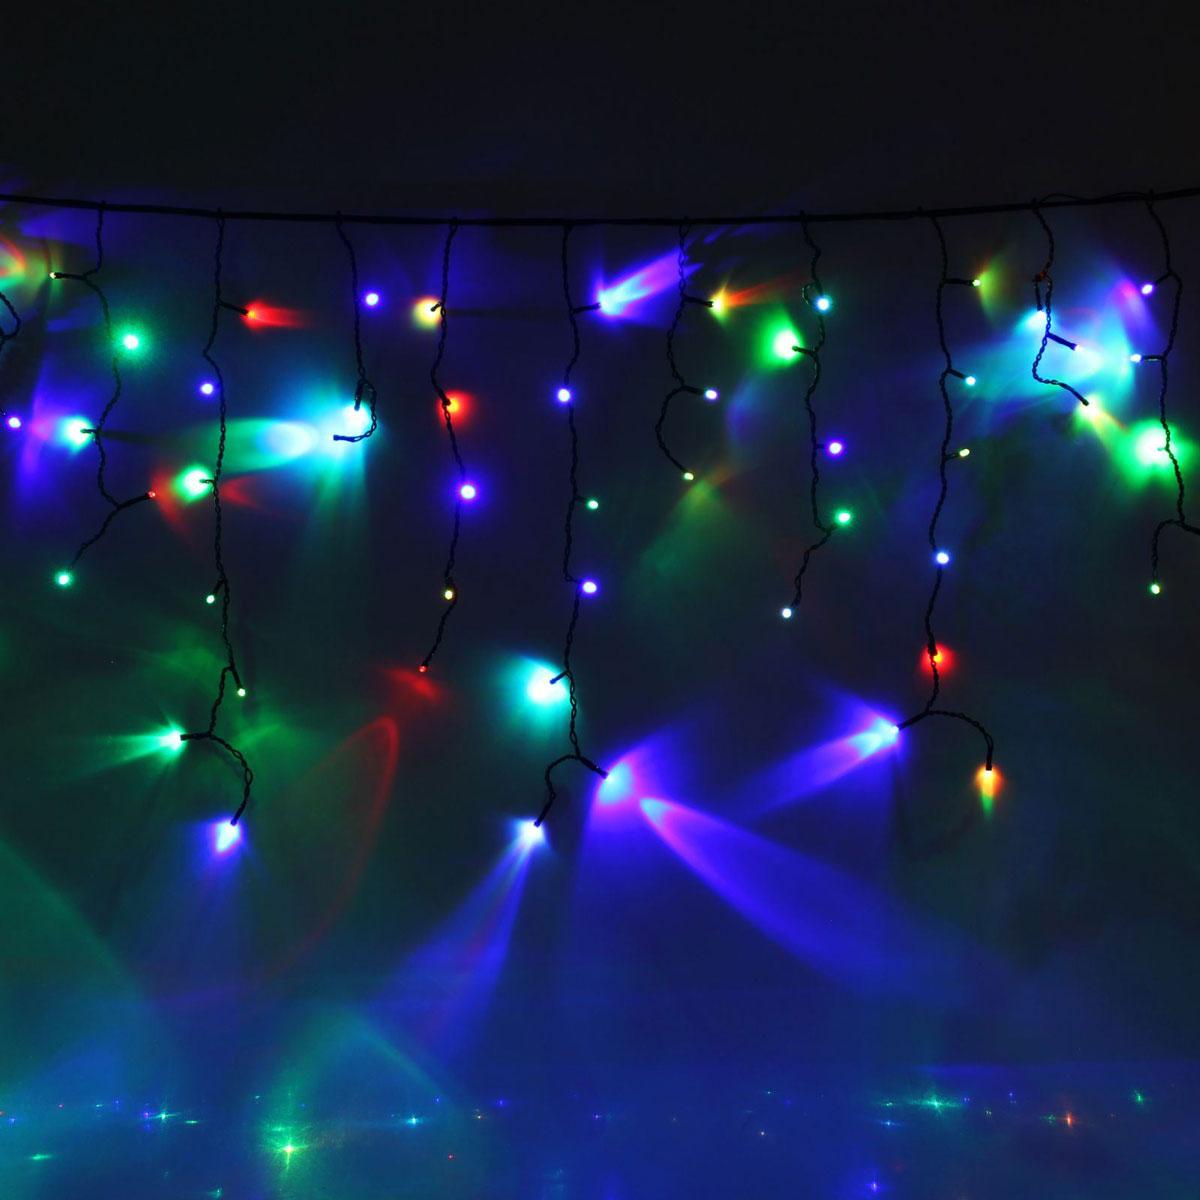 Гирлянда светодиодная Luazon Бахрома, уличная, 160 ламп, 220 V, цвет: мультиколор, 3 х 0,6 м. 10801701080170Светодиодные гирлянды, ленты и т.д — это отличный вариант для новогоднего оформления интерьера или фасада. С их помощью помещение любого размера можно превратить в праздничный зал, а внешние элементы зданий, украшенные ими, мгновенно станут напоминать очертания сказочного дворца. Такие украшения создают ауру предвкушения чуда. Деревья, фасады, витрины, окна и арки будто специально созданы, чтобы вы украсили их светящимися нитями.